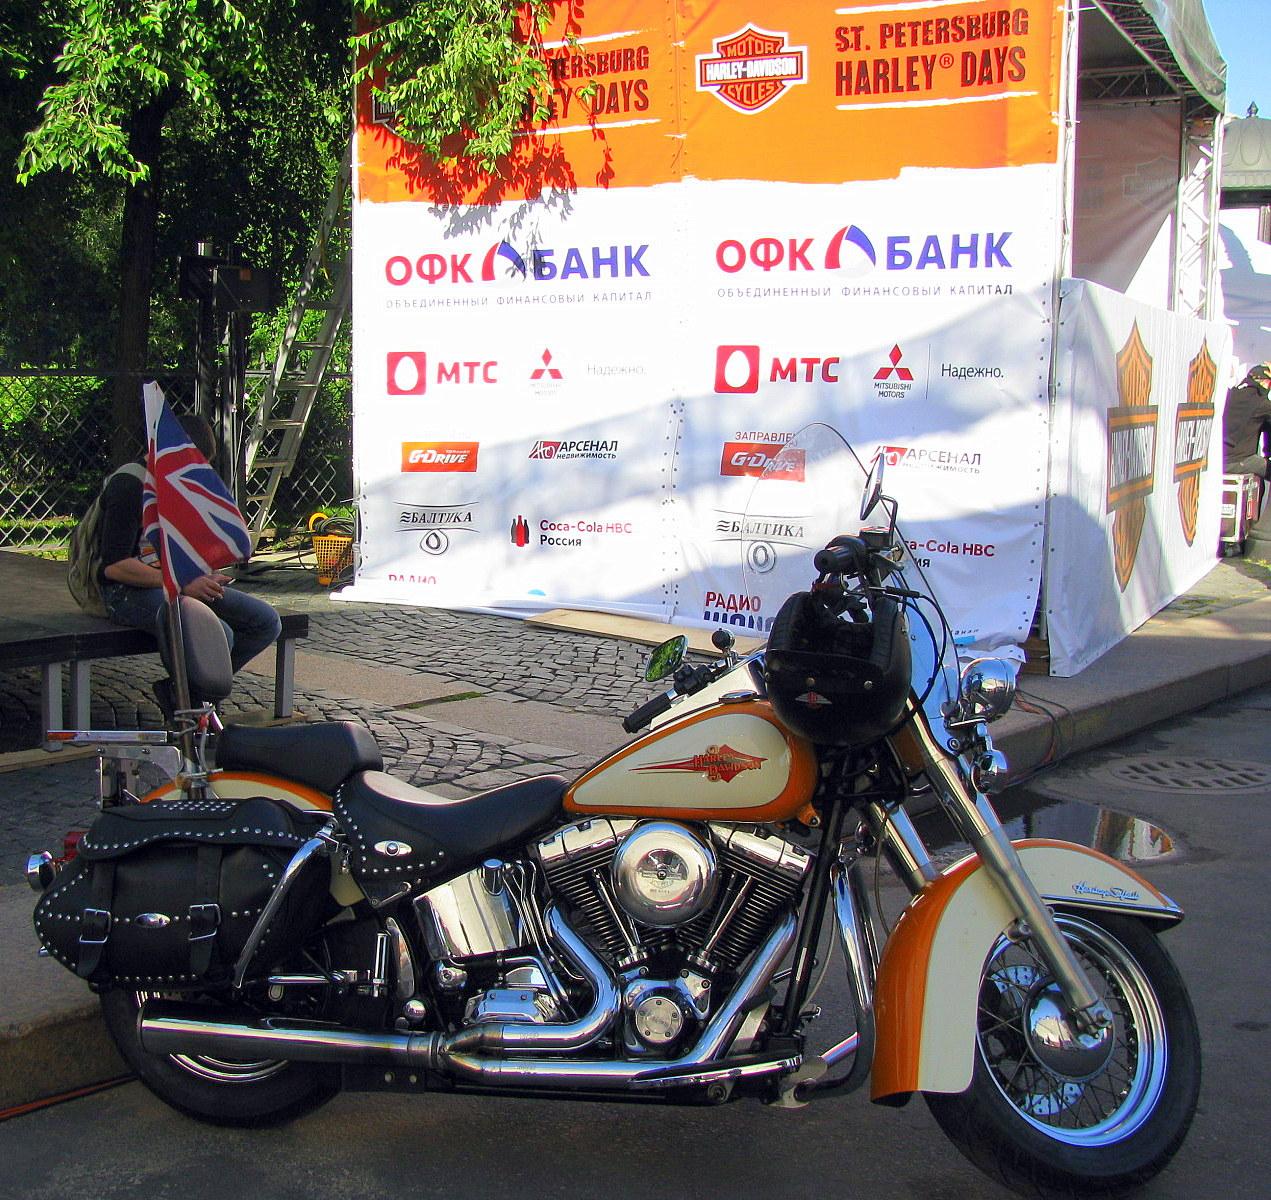 Мотоциклы, мотоциклы, повелители дорог...